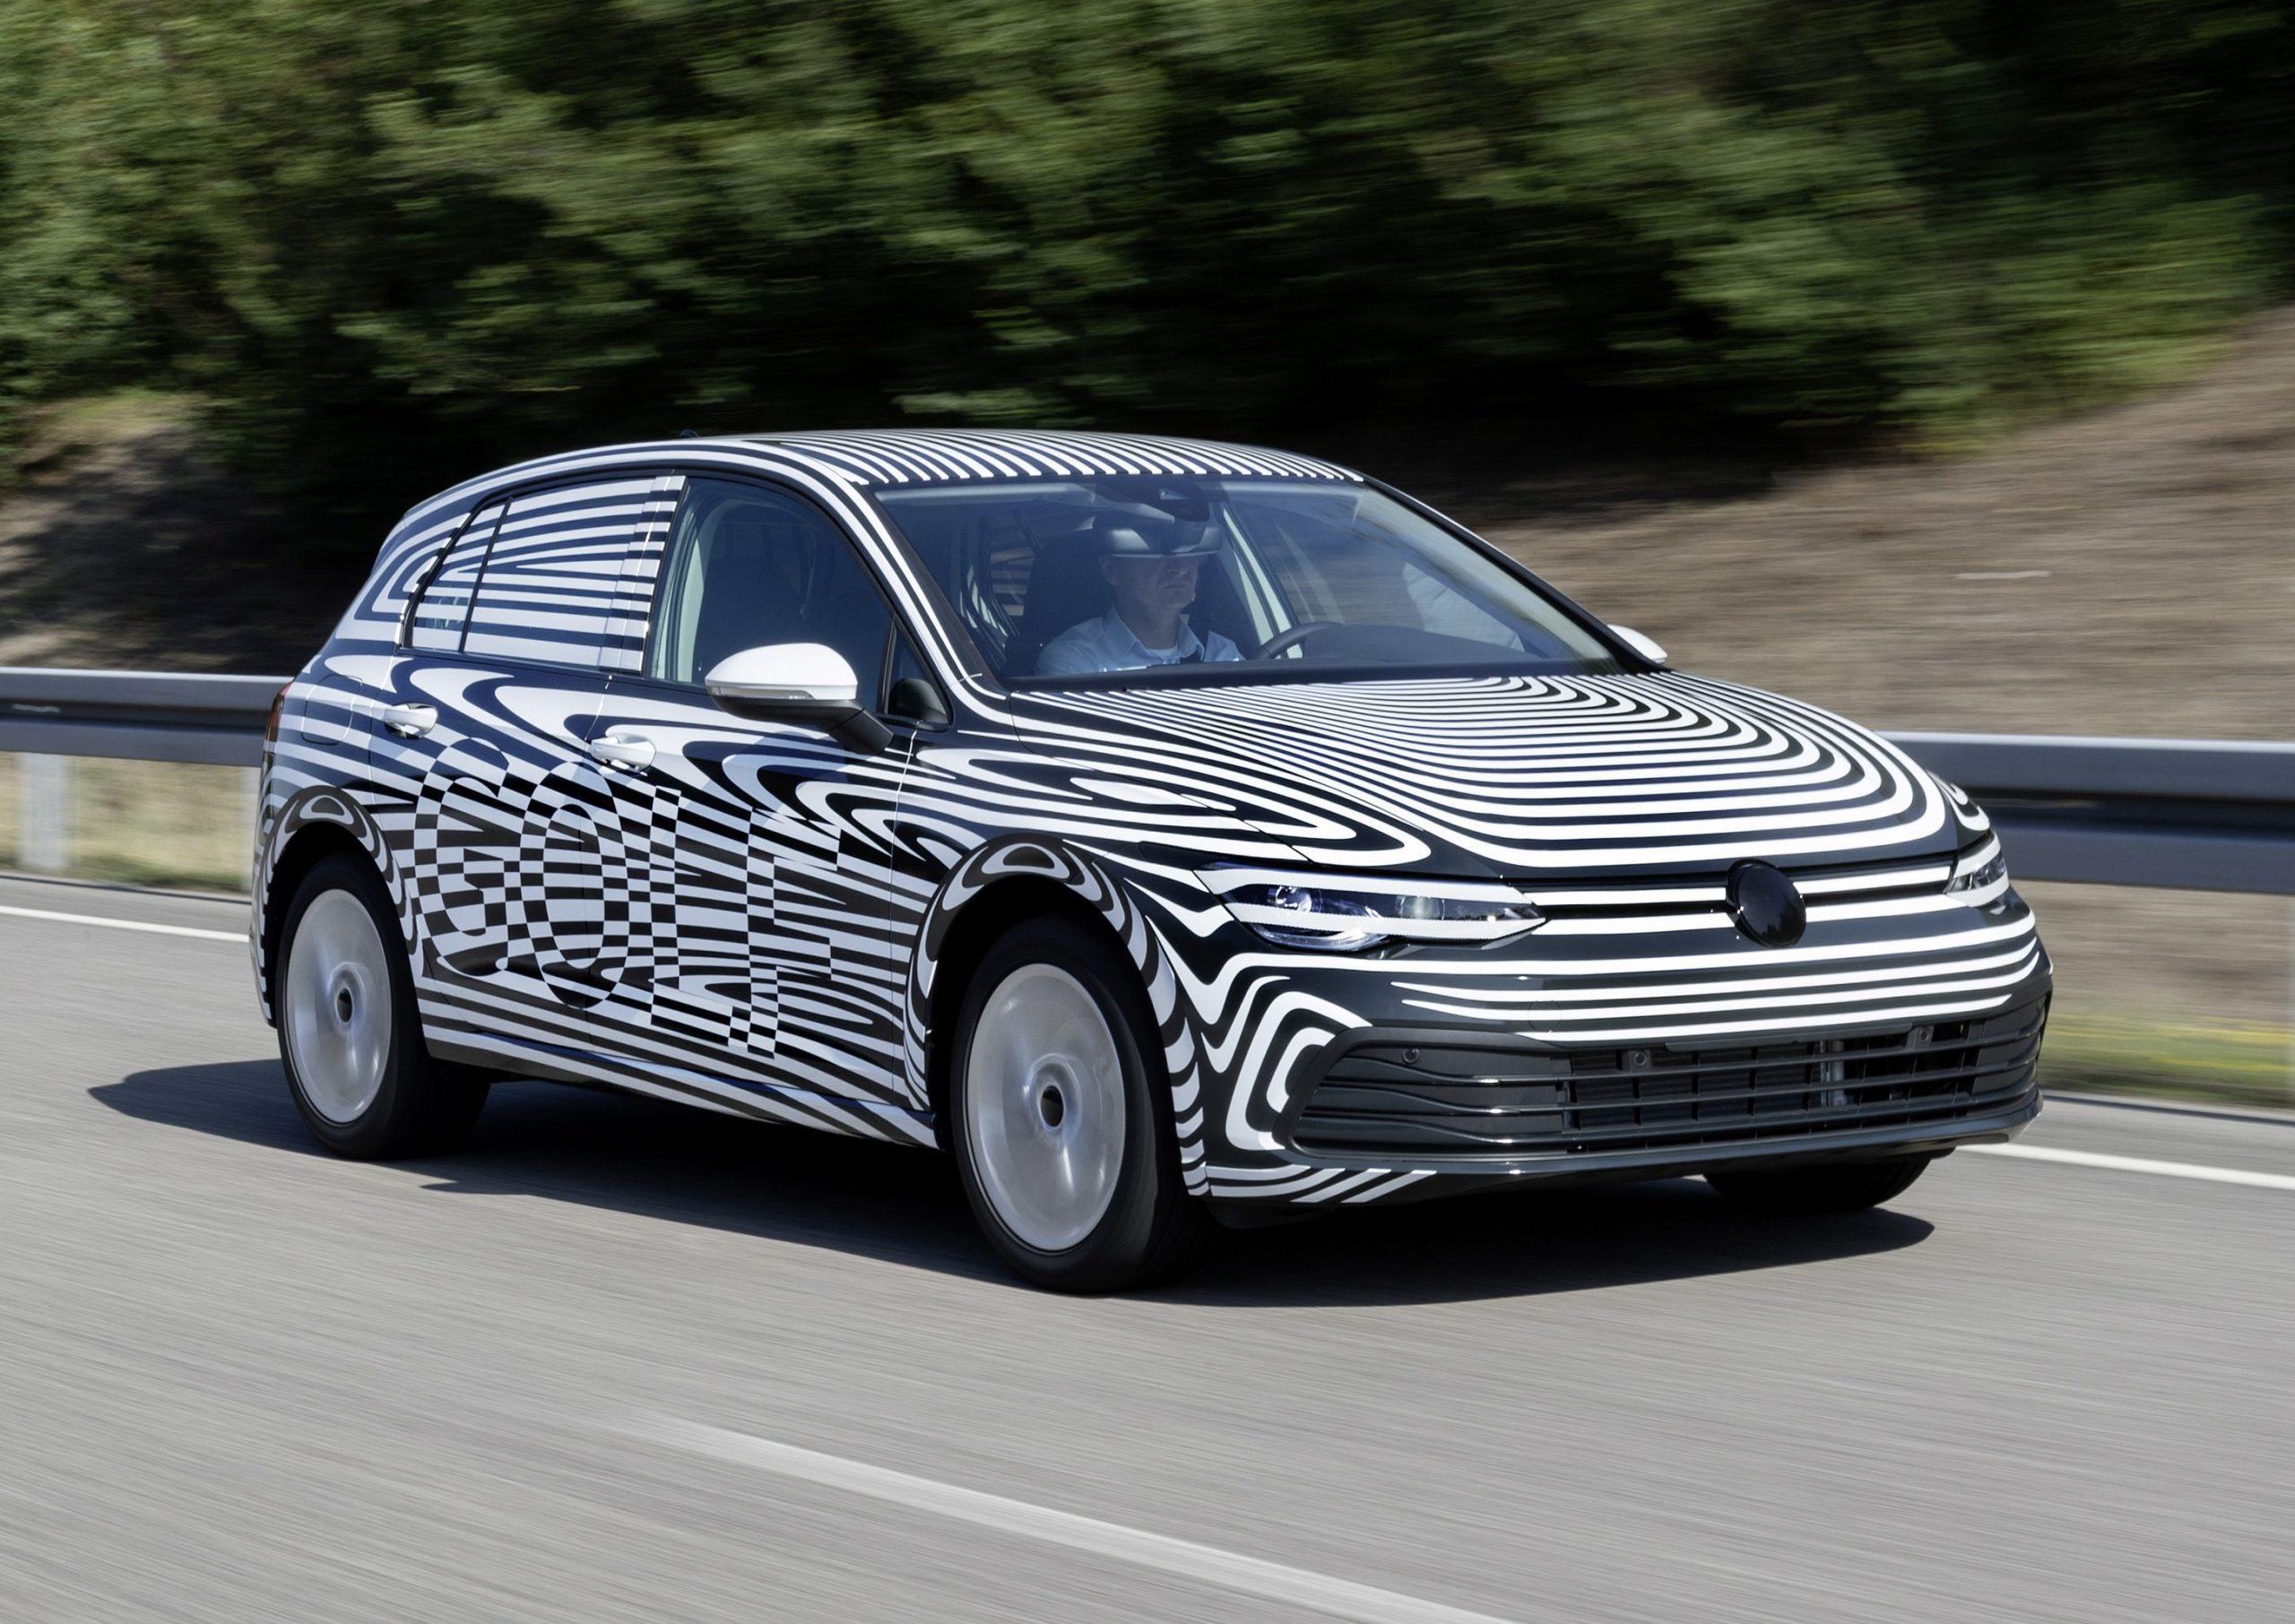 Nieuwe Volkswagen Golf 8 camouflage prototype